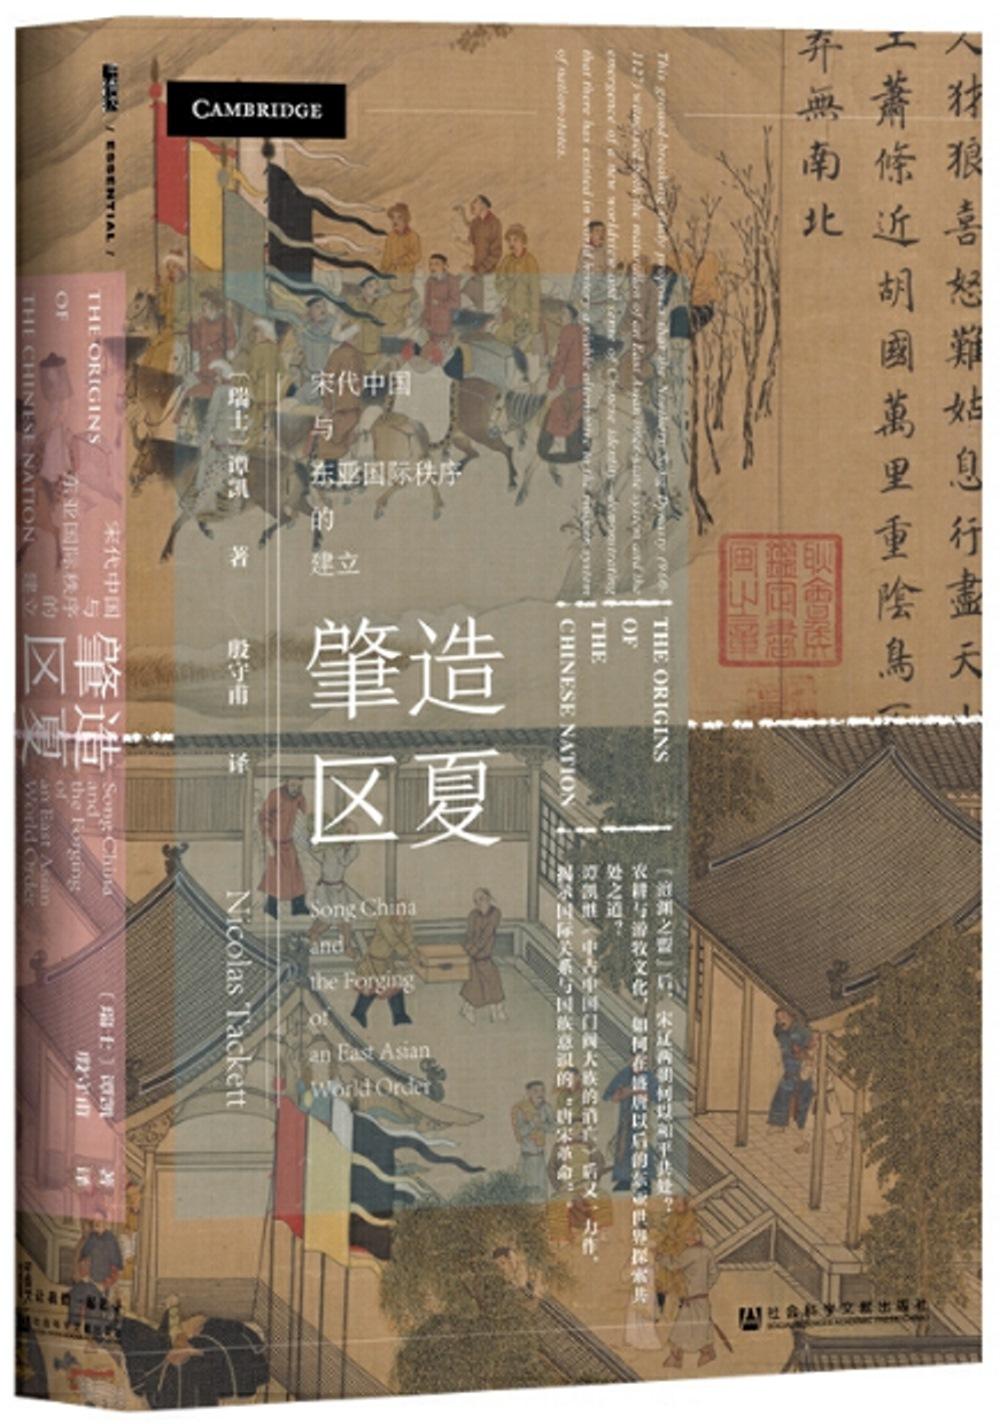 肇造區夏:宋代中國與東亞國際秩序的建立